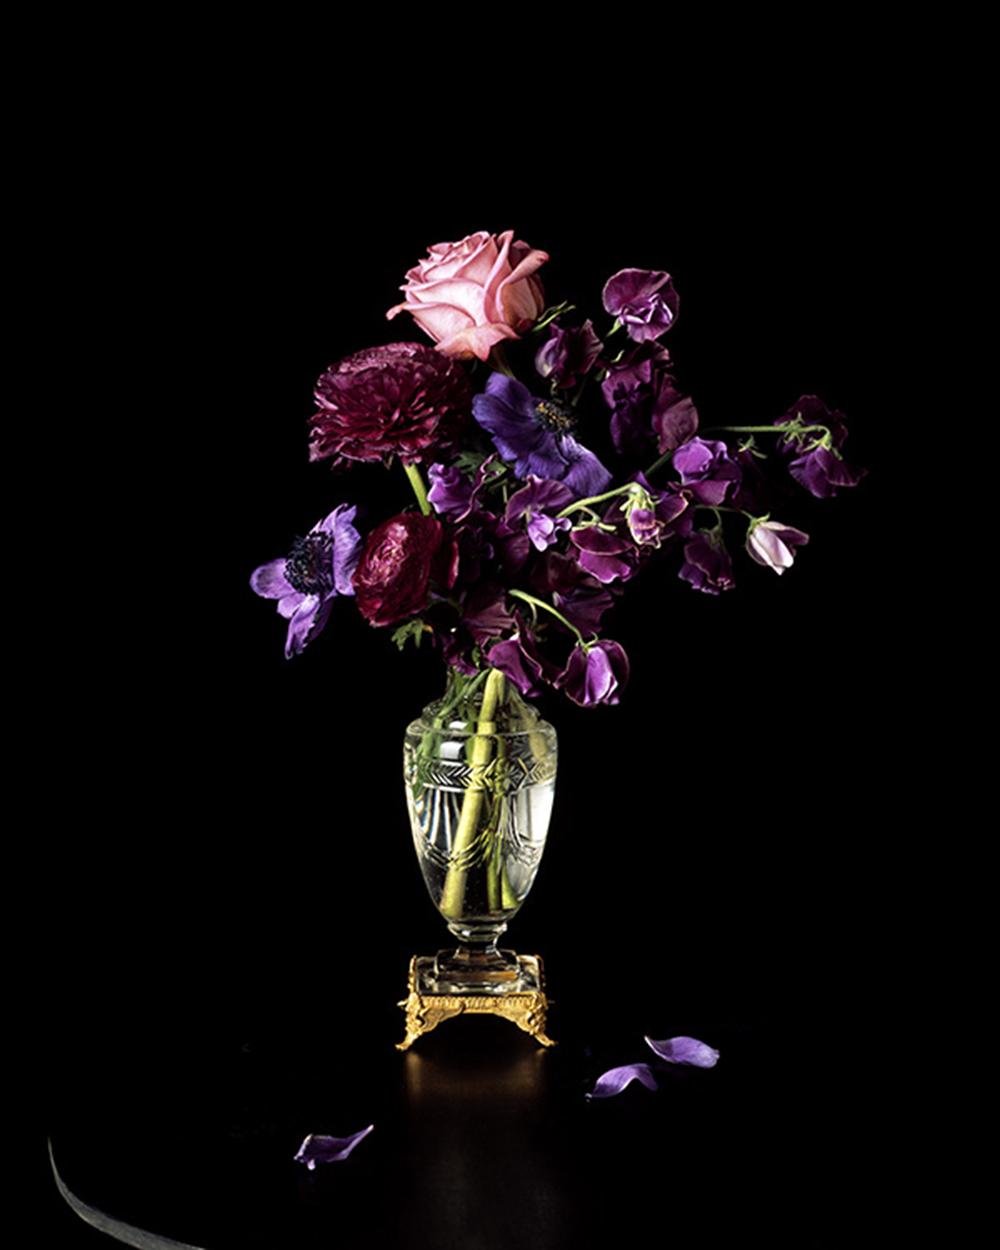 Ce vase est l'un des rares objets ayant appartenu à Lev Tchistovsky et Irene Klestova que Natacha Nikouline ait pu conserver. Par le biais de sa série After Tchistovsky, elle souhaite rendre hommage à ces deux artistes en photographiant des fleurs aux couleurs vives, motif récurrent dans les œuvres du couple. Crédit : Natacha Nikouline